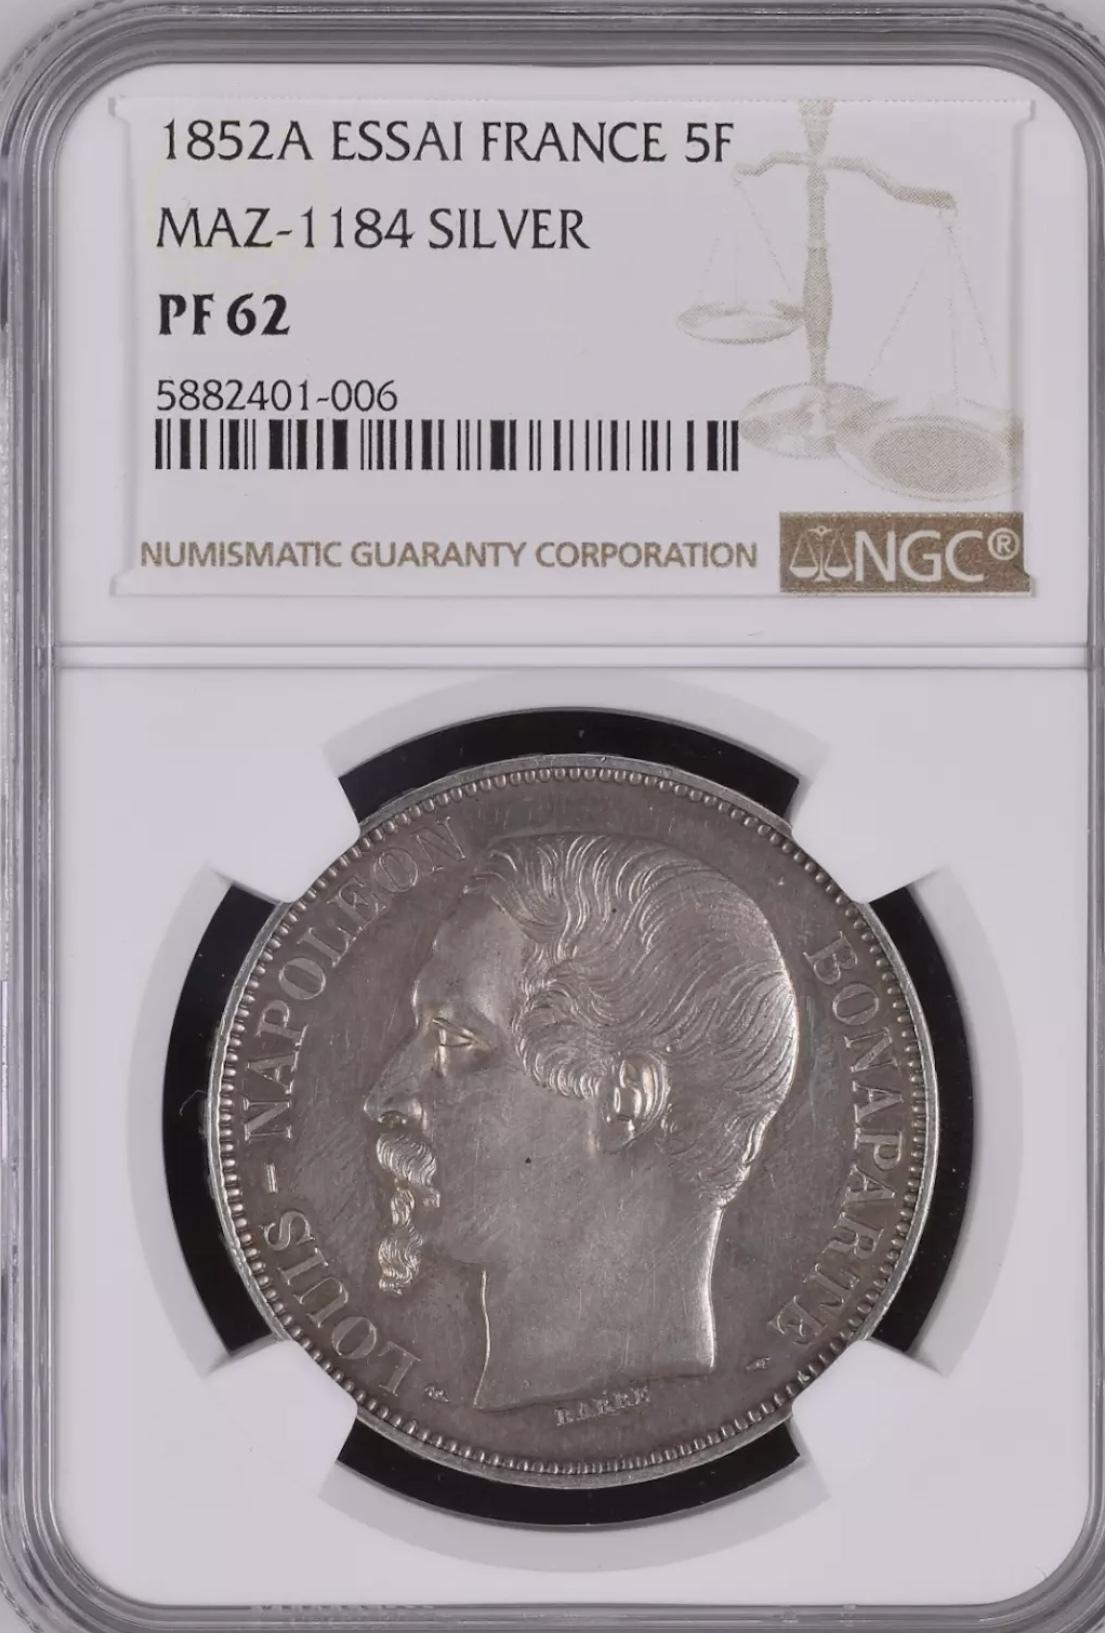 ナポレオン3世1852年5フラン銀貨PF63+! 🤩入手うう🤩_d0357629_12231551.jpeg